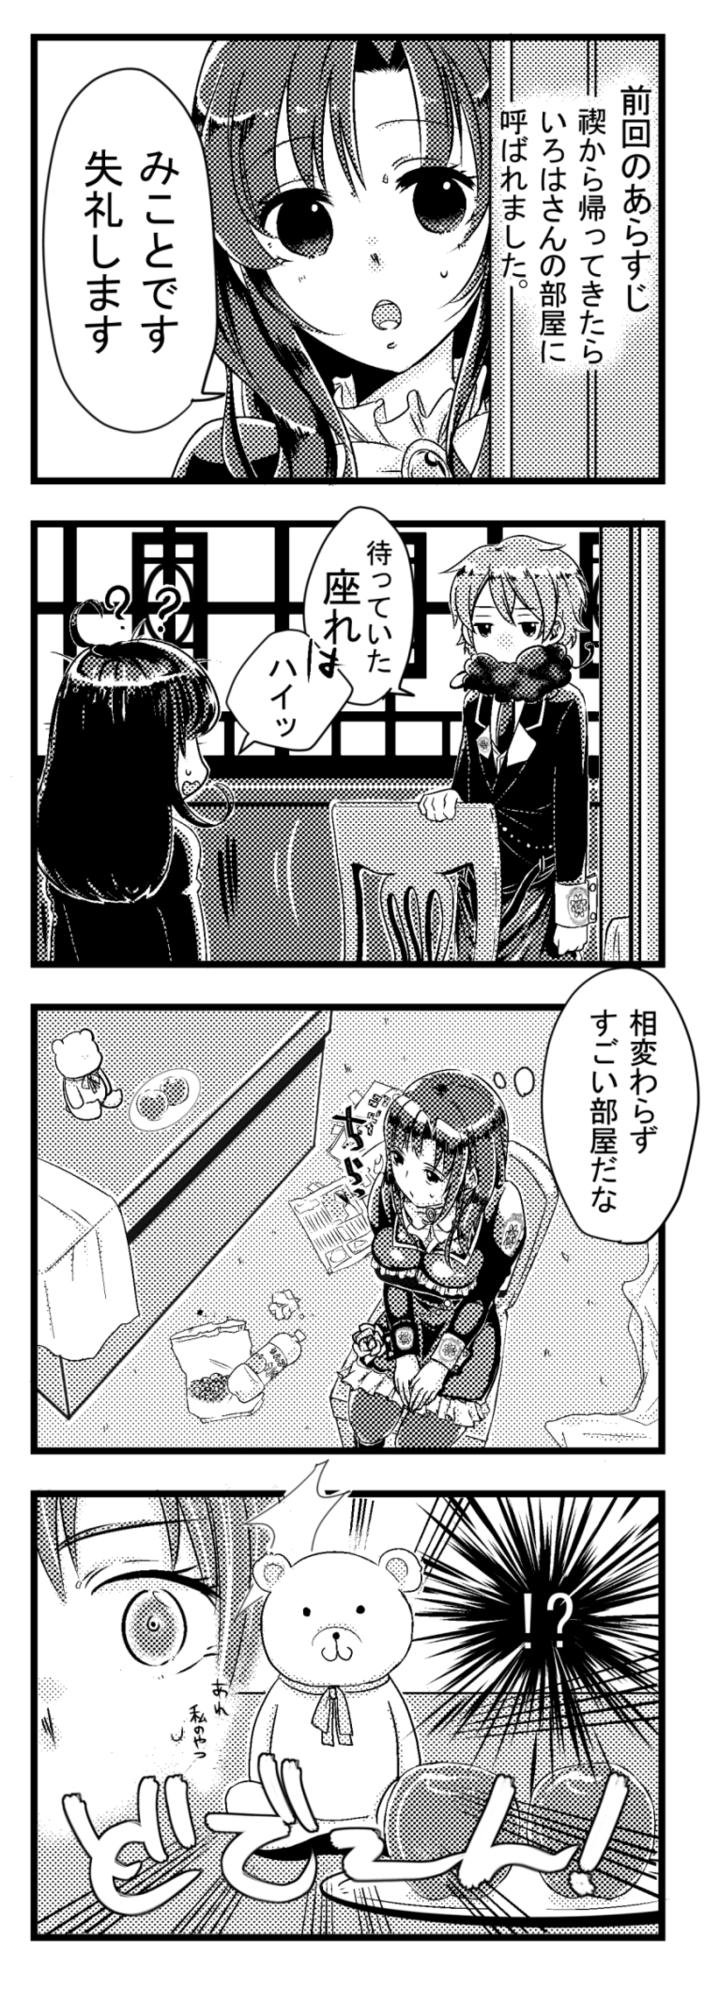 Large 華アワセ四コマ